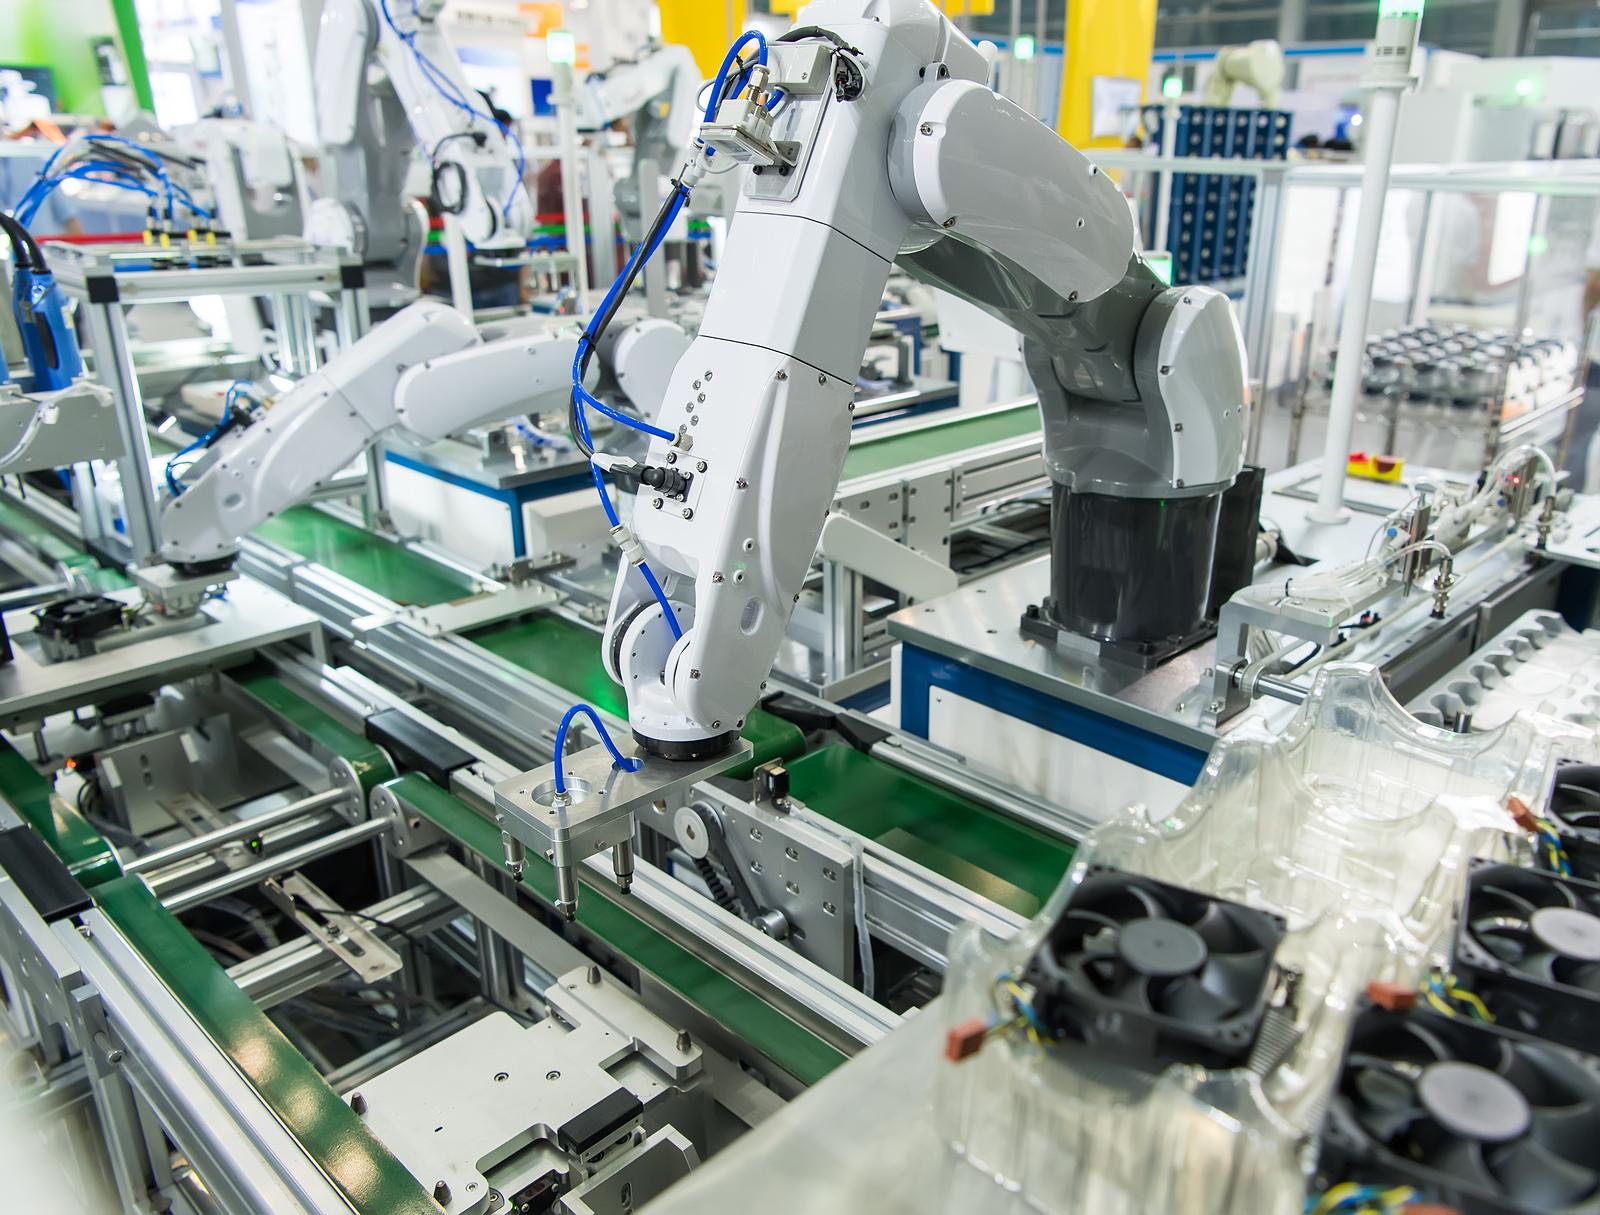 Maquina trabajando con mando a distancia en un laboratorio remoto